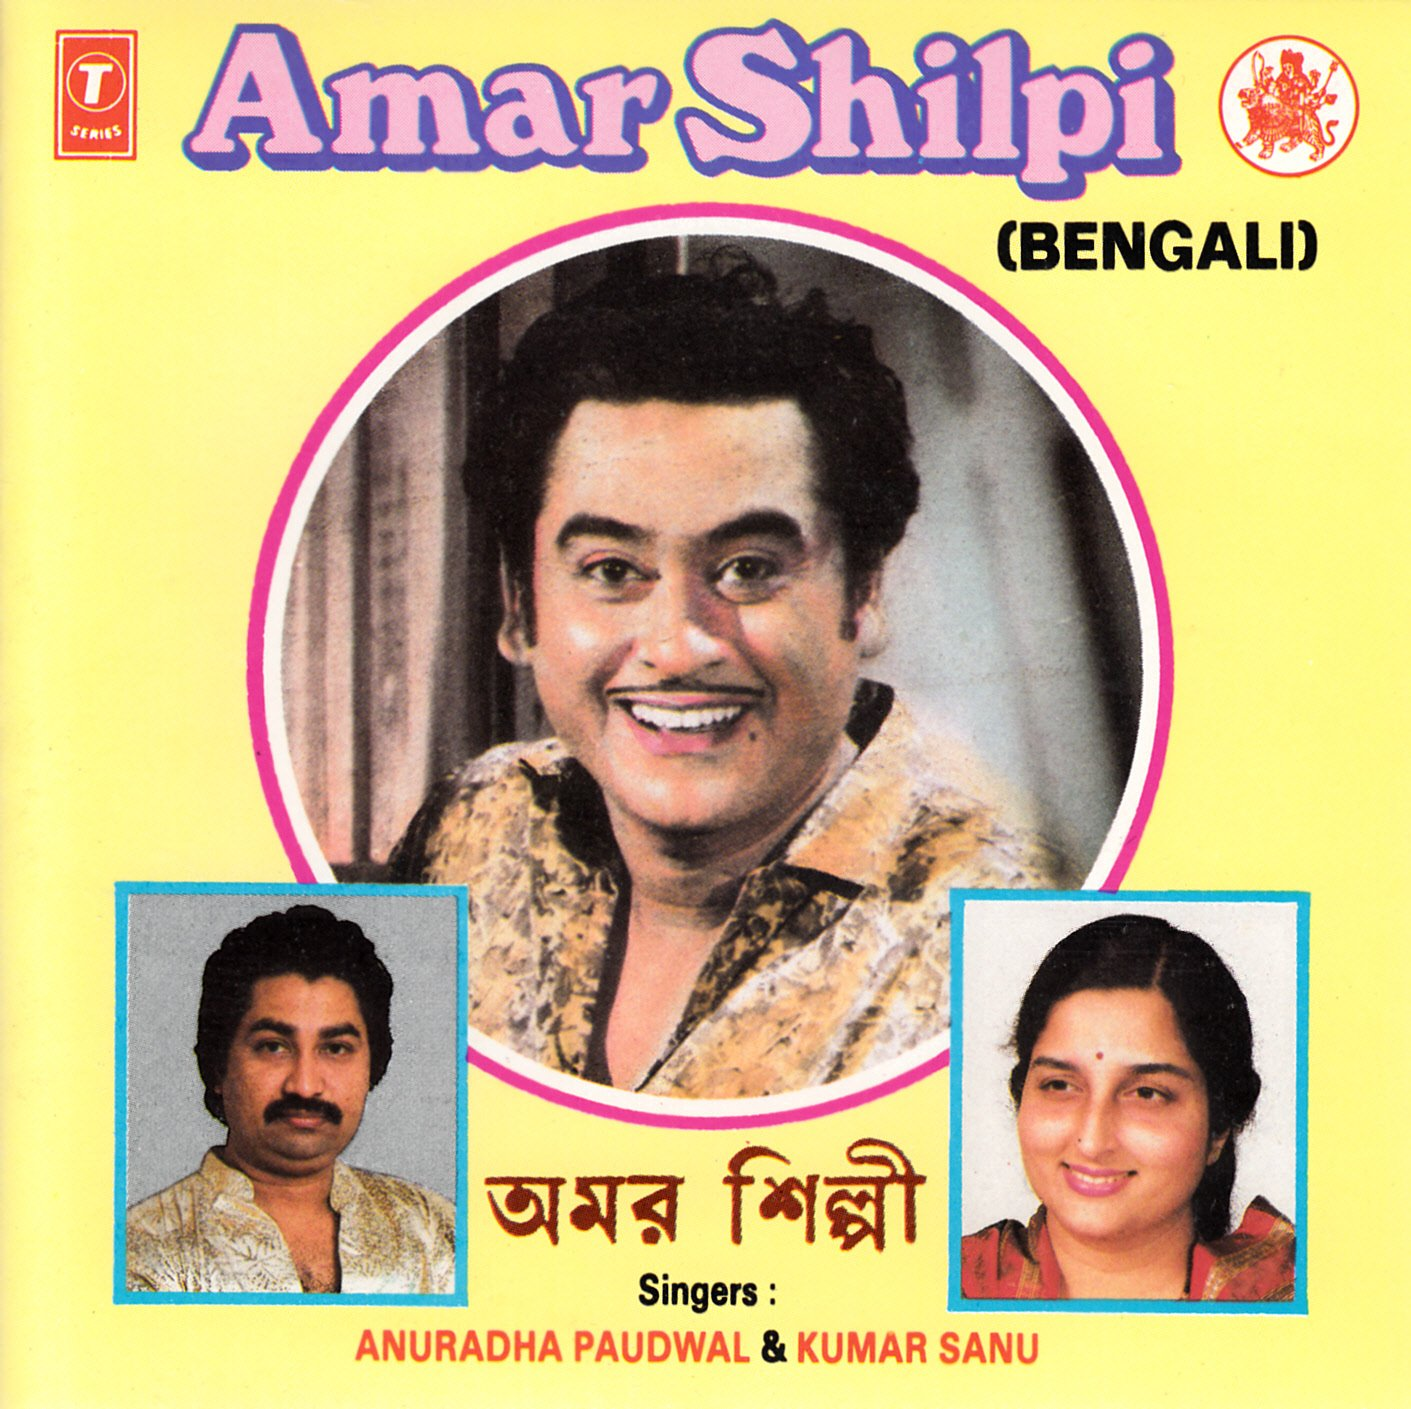 Anuradha Paudwal, Kumar Sanu - Amar Shilpi (Bengali